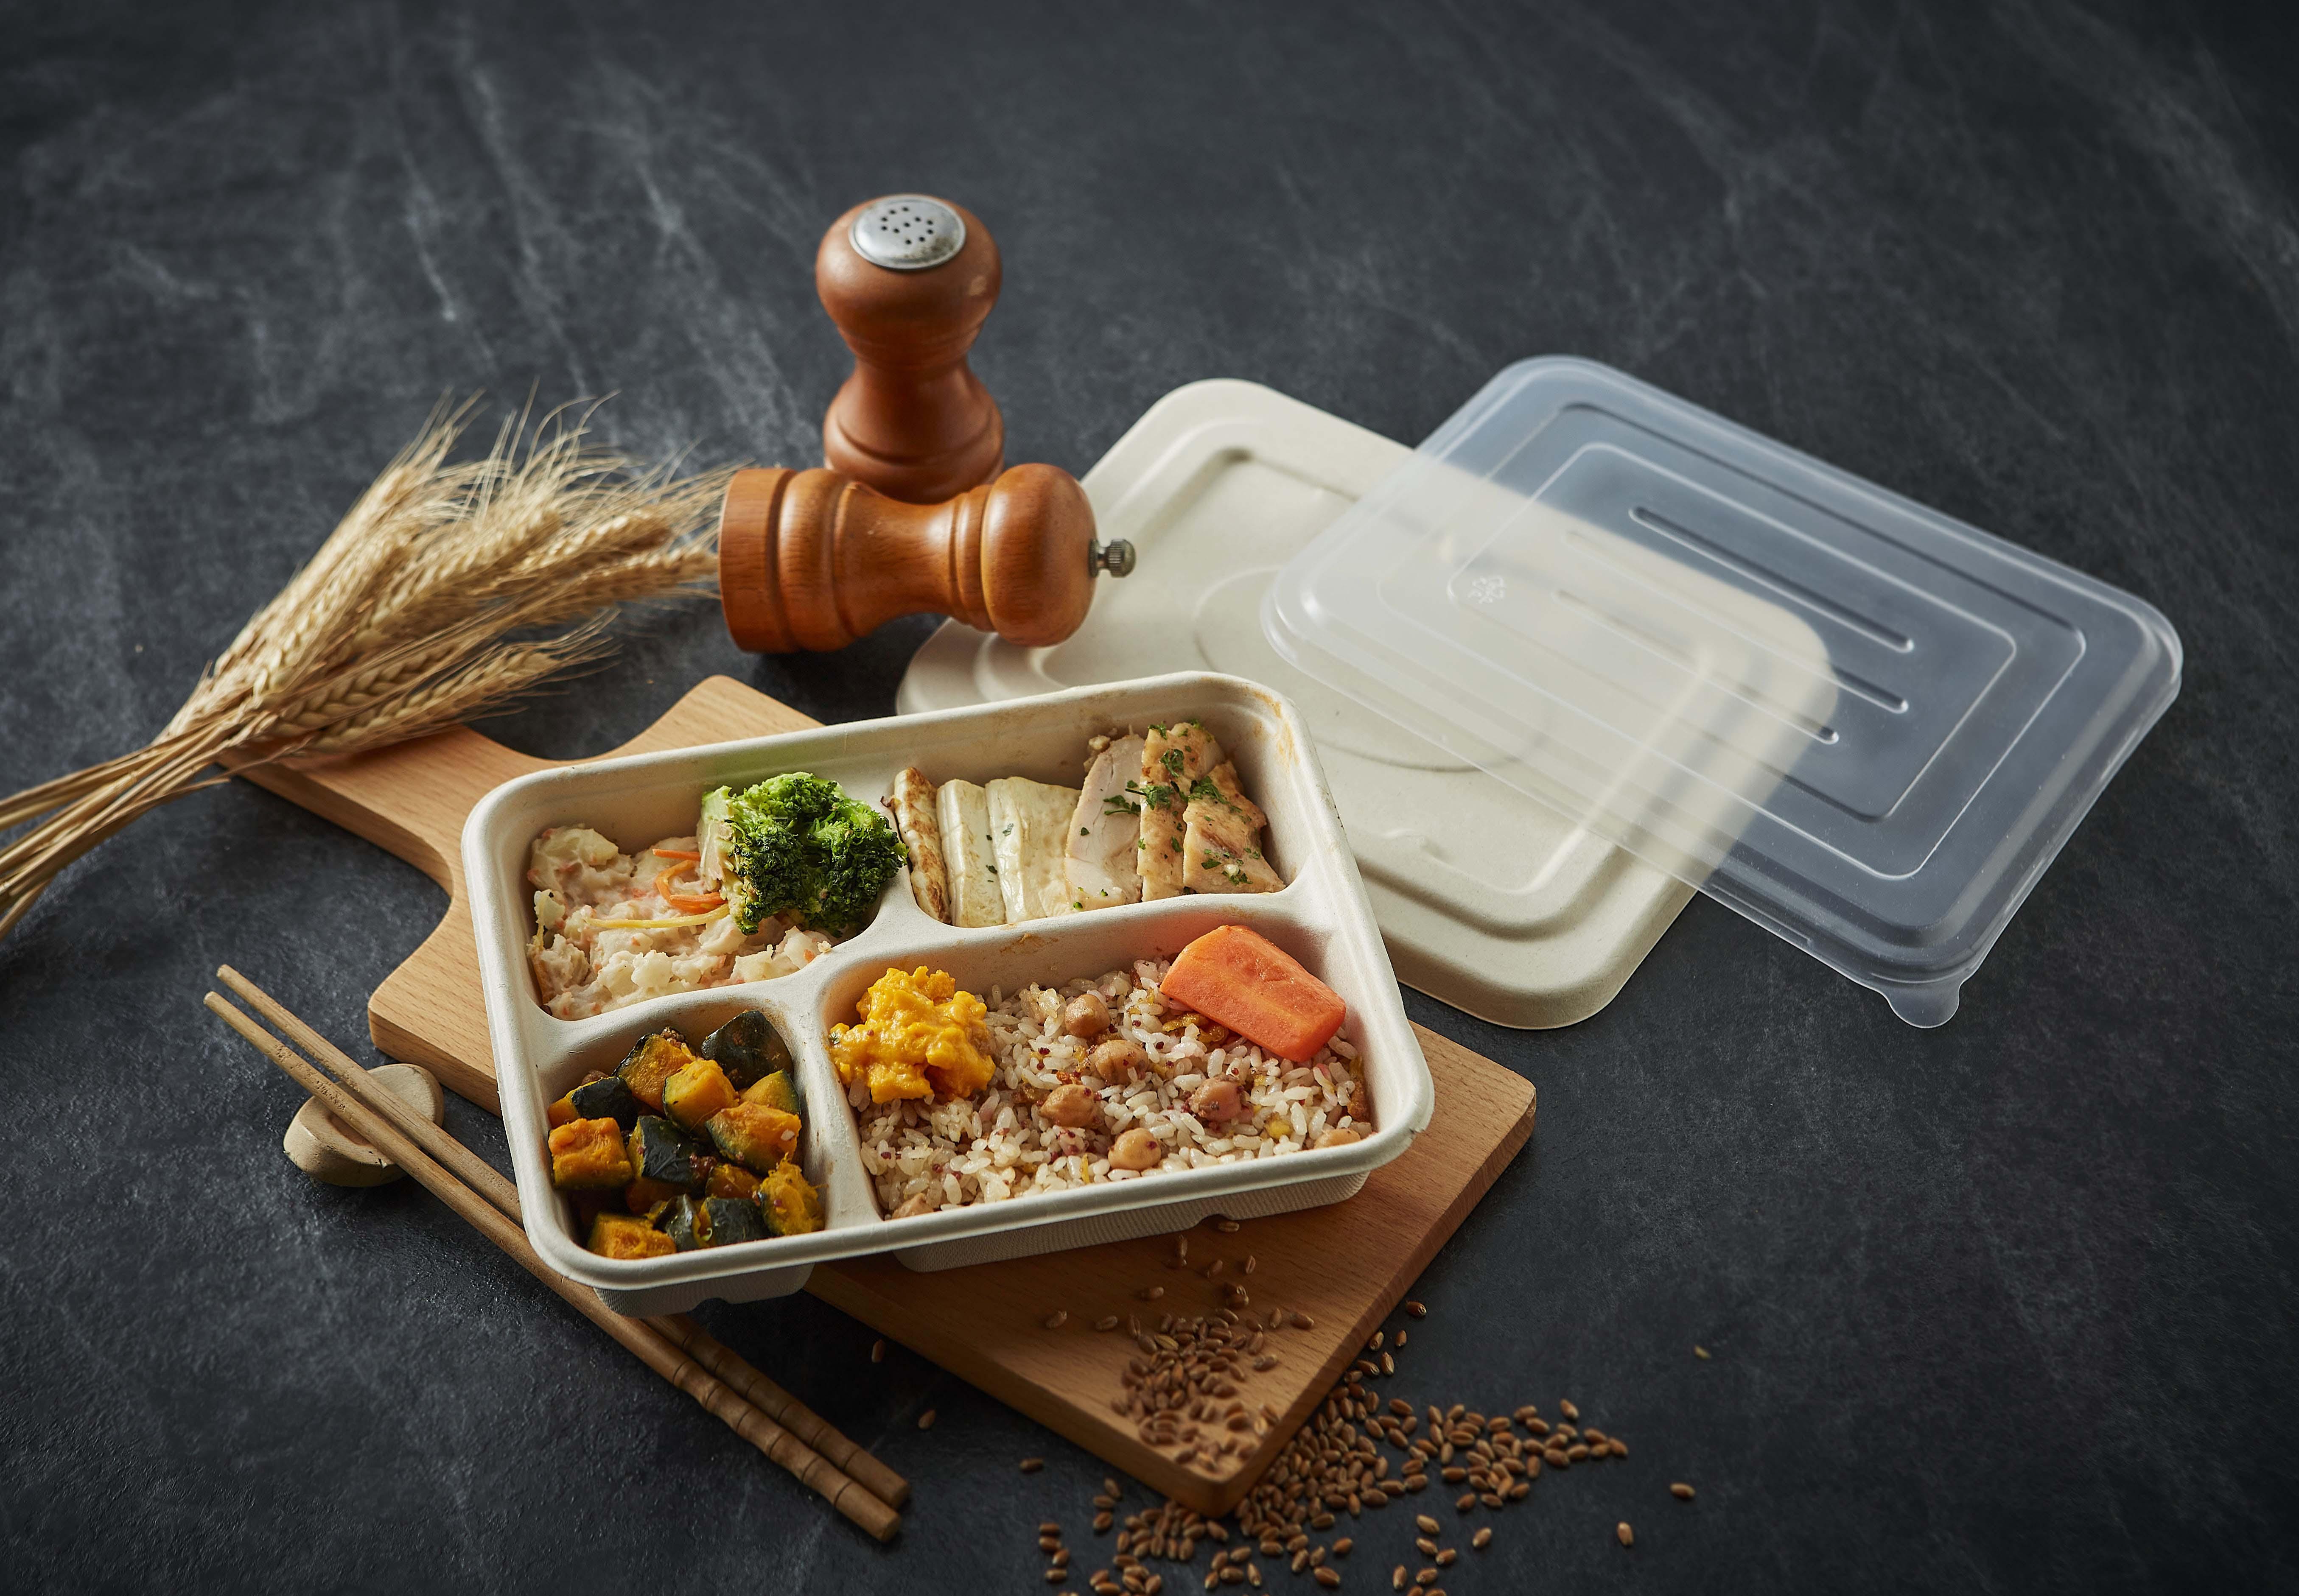 【方型小麥桔梗四格餐盒-小(含蓋)】方形 免洗餐盤 便當盒 環保餐盒 外帶盒